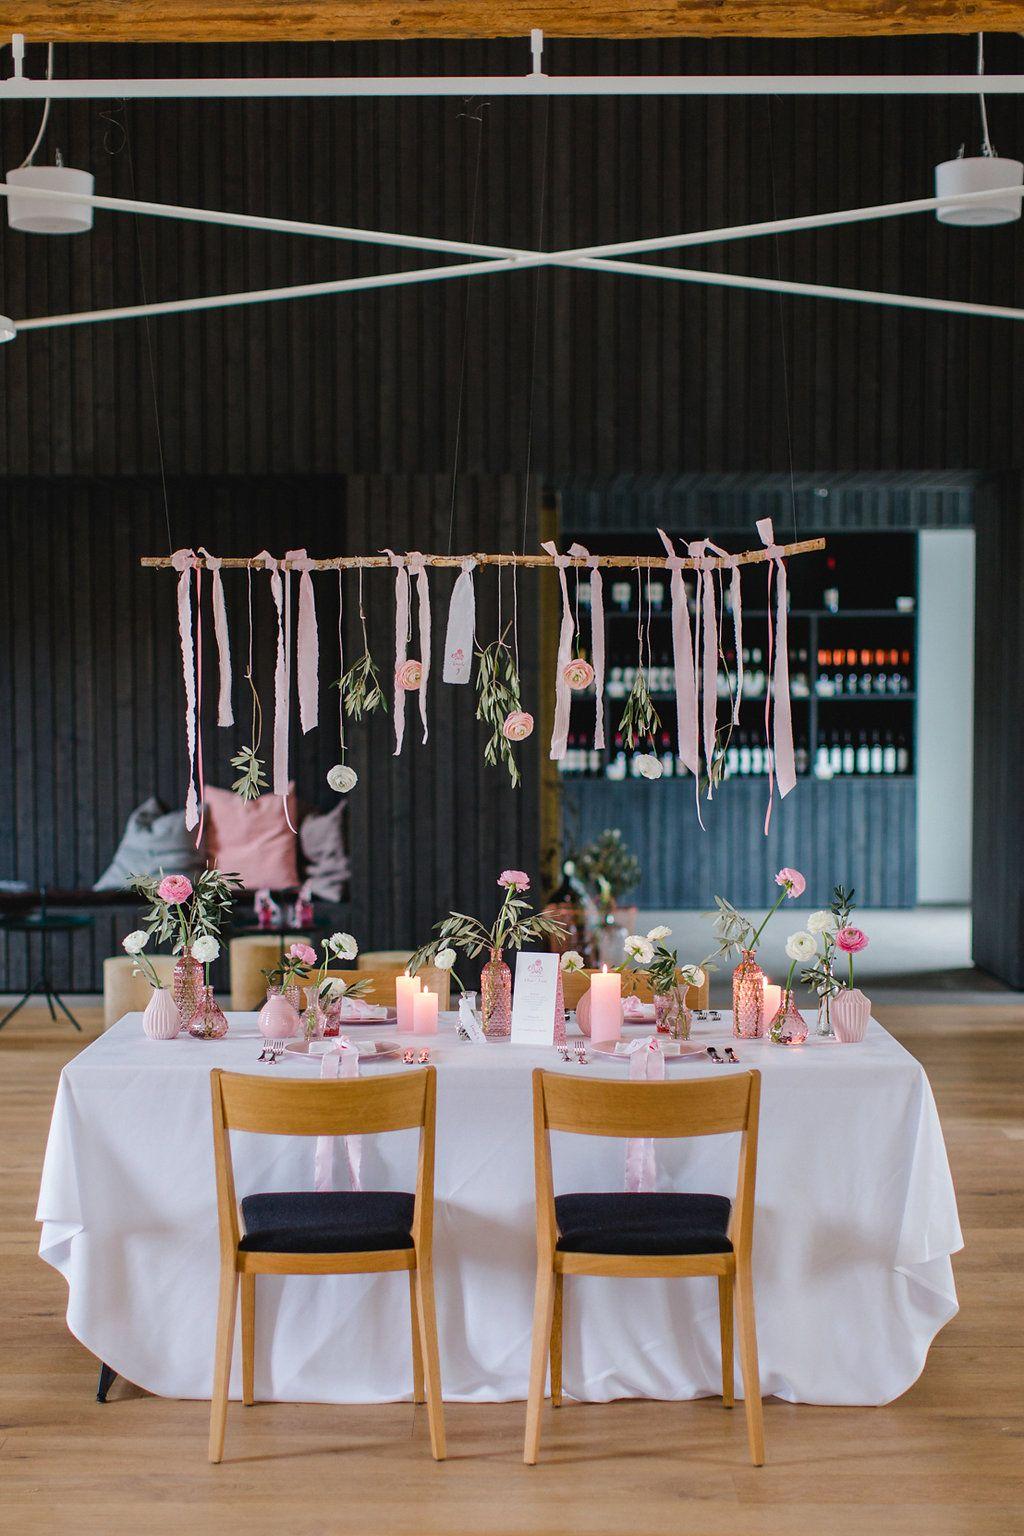 Tischdeko Hochzeit Pastell Tischdeko Hochzeit Rosa Tischdeko